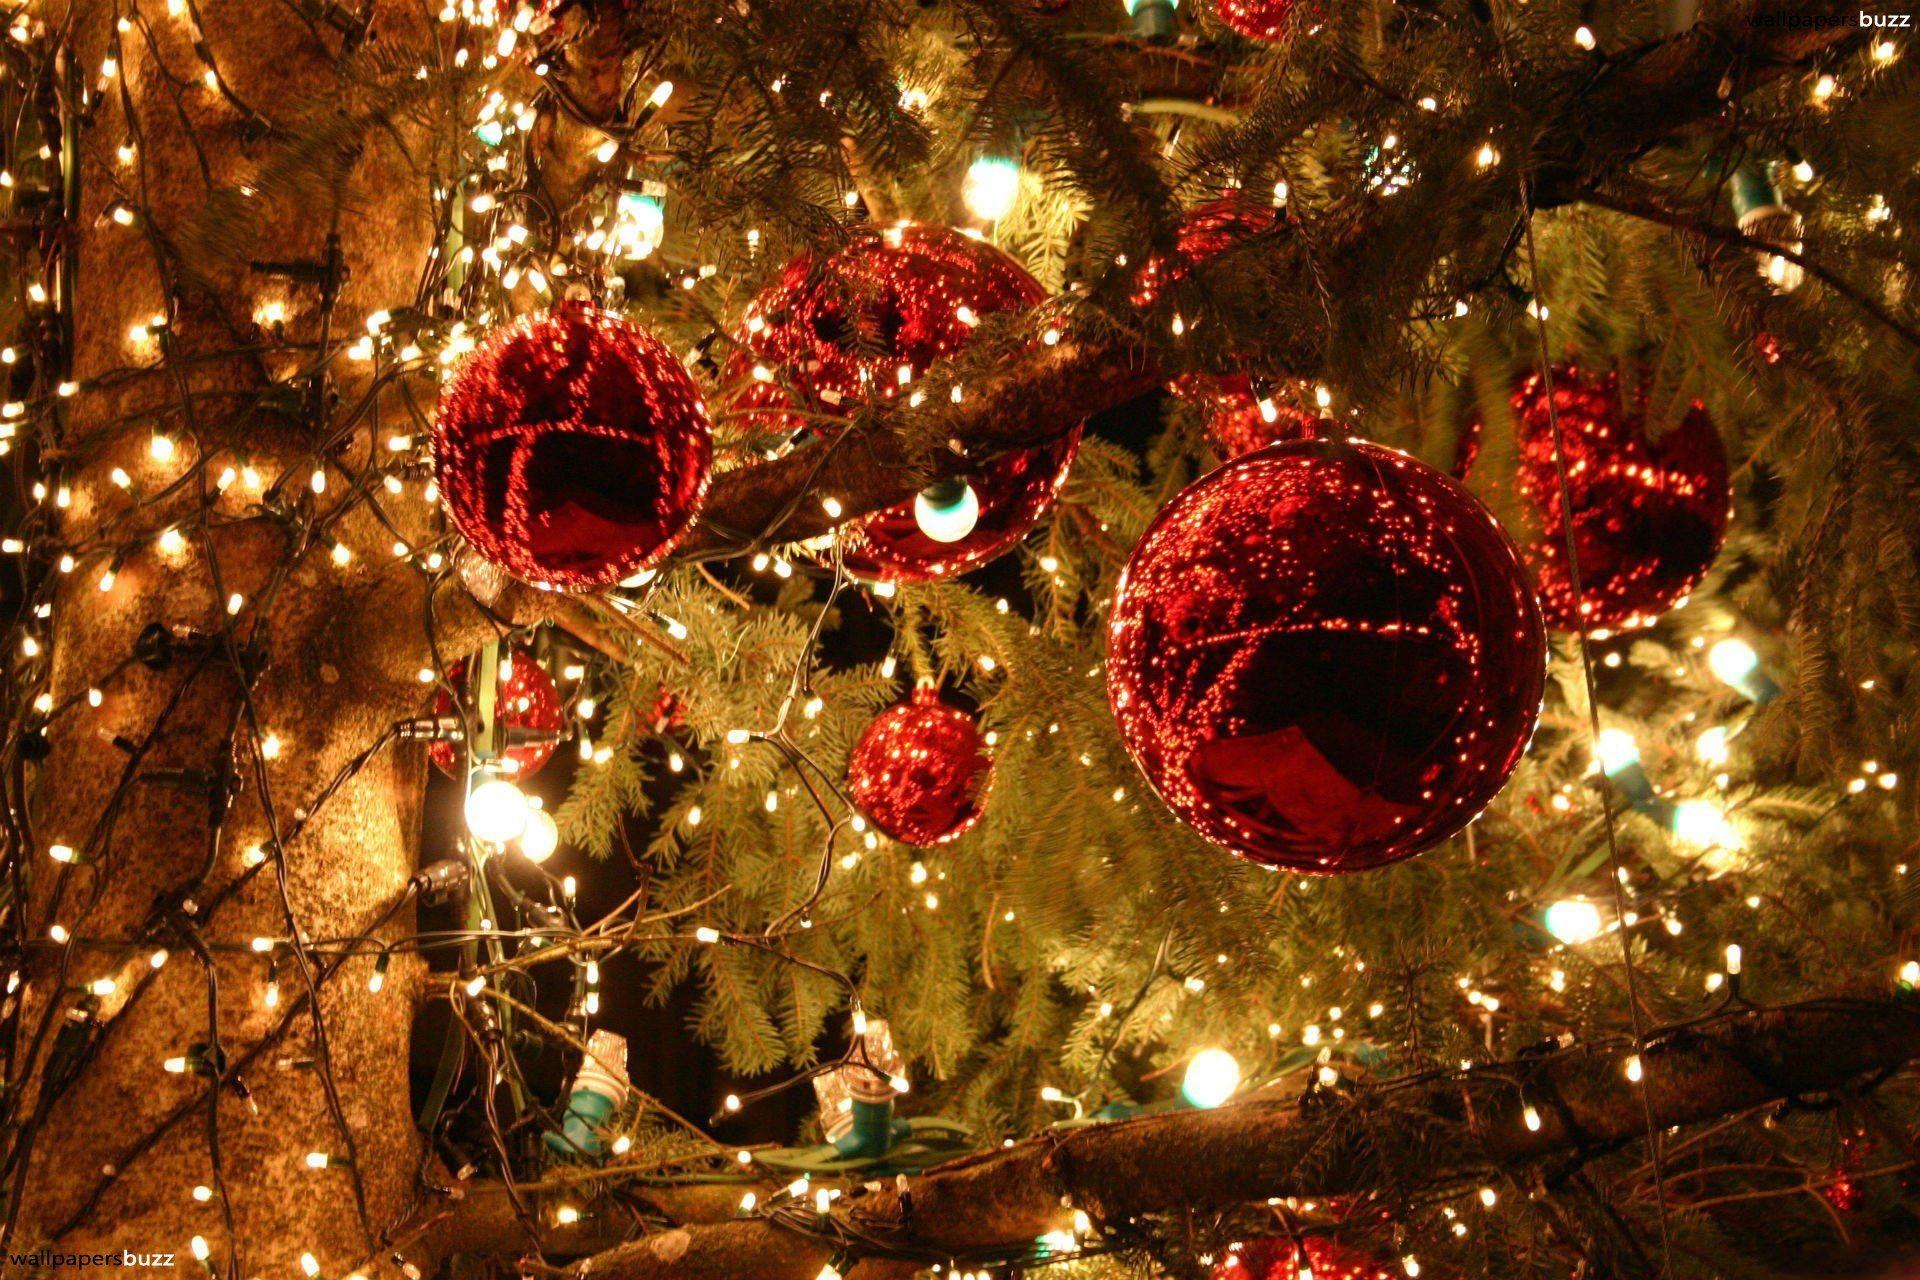 Christmas Lights Desktop Backgrounds HD 132 – HD Wallpaper Site